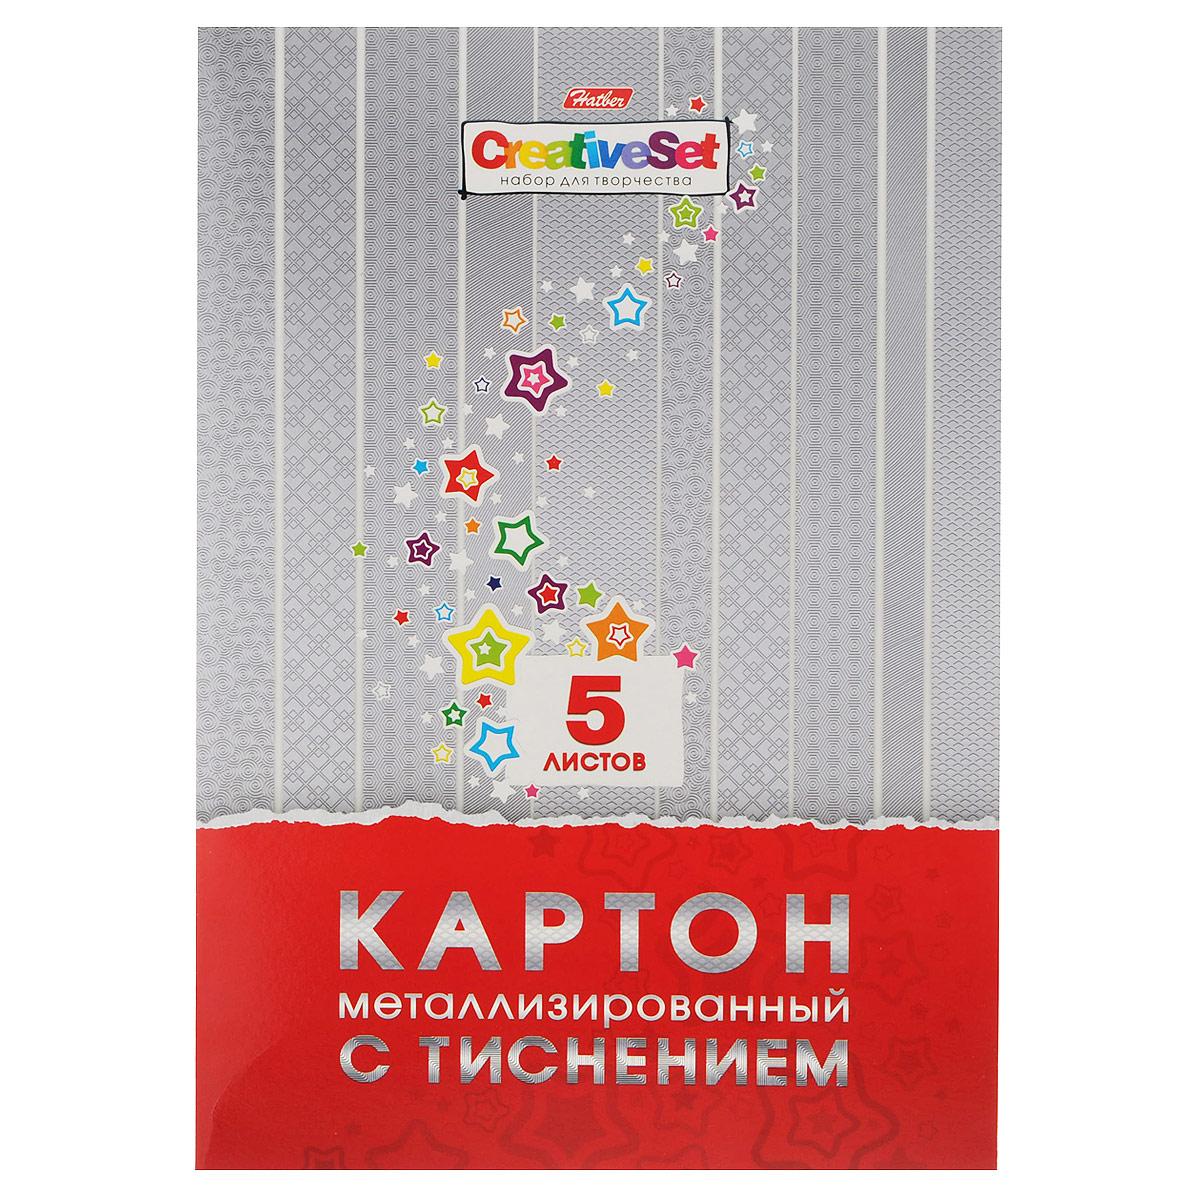 Металлизированный картон Hatber Creative Set, с тиснением, цвет: серебристый, 5 листов5К4мтт_12145Металлизированный картон Hatber Creative Set позволит вашему ребенку создавать всевозможные аппликации и поделки. Набор состоит из пяти листов картона серебристого цвета с объемным тиснением различными узорами. Картон упакован в яркую оригинальную картонную папку. Создание поделок из металлизированного картона поможет ребенку в развитии творческих способностей, кроме того, это увлекательный досуг.Рекомендуемый возраст от 6 лет.